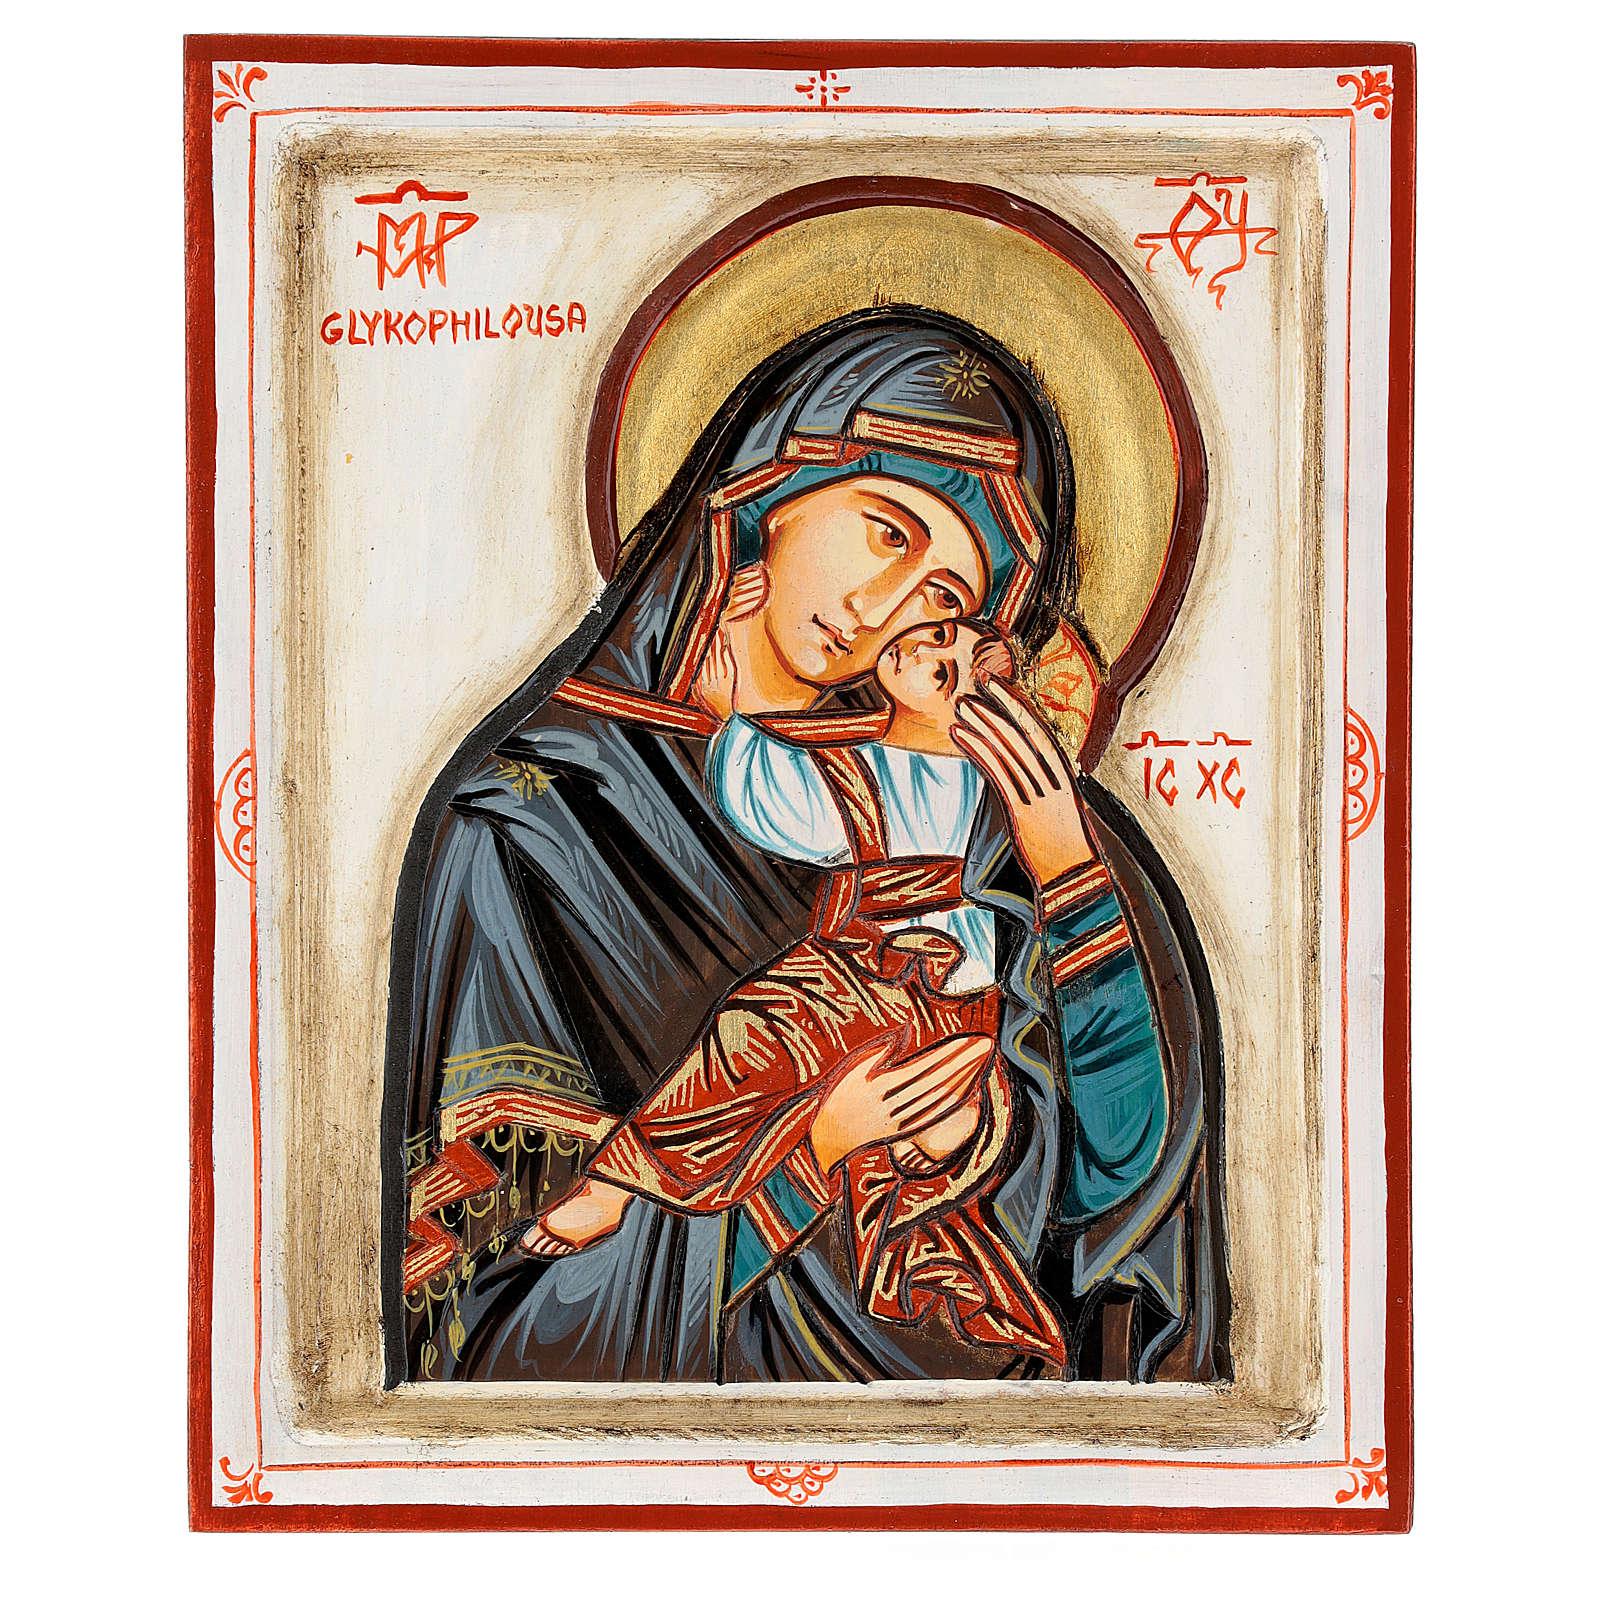 Icona Madonna Glykophilousa intagliata 22x18 cm Romania dipinta 4